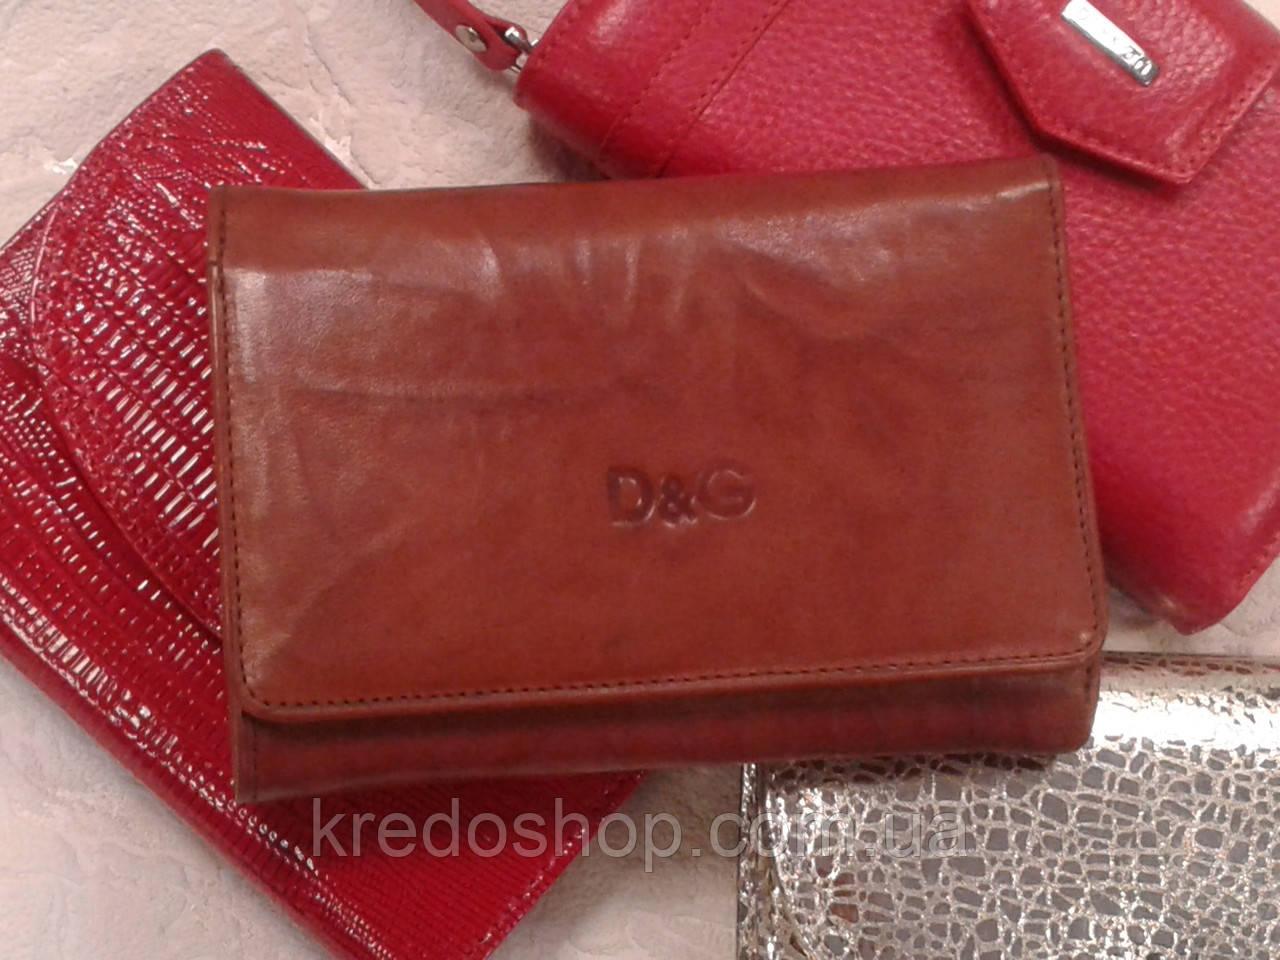 c9a89791db0e Кошелек женский кожаный коричневый,высокого качества(Турция) -  Интернет-магазин сумок и